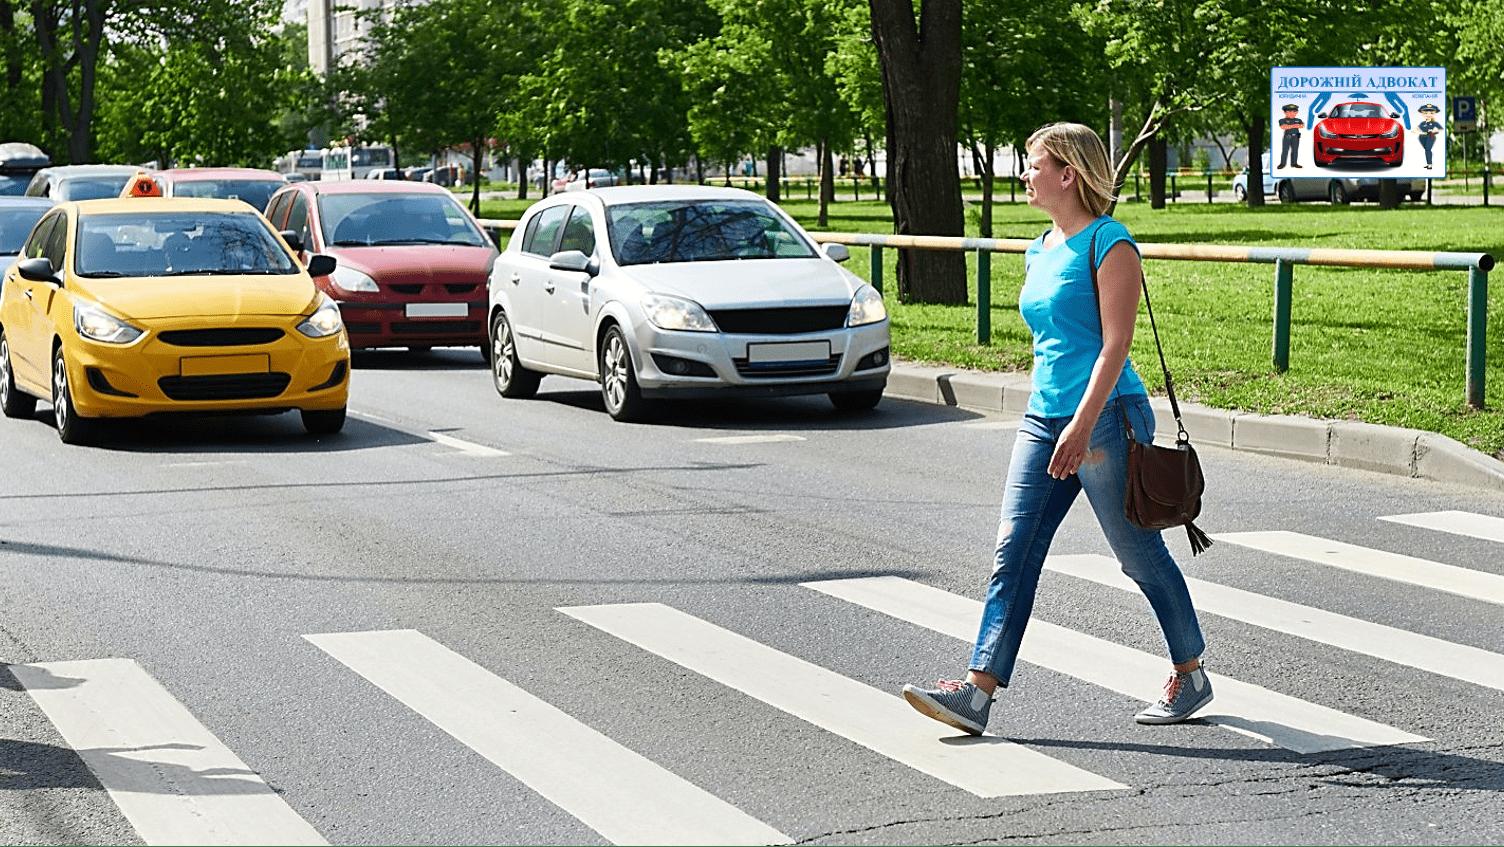 Пішохід має перевагу лише у випадку, якщо ступив на «зебру»!